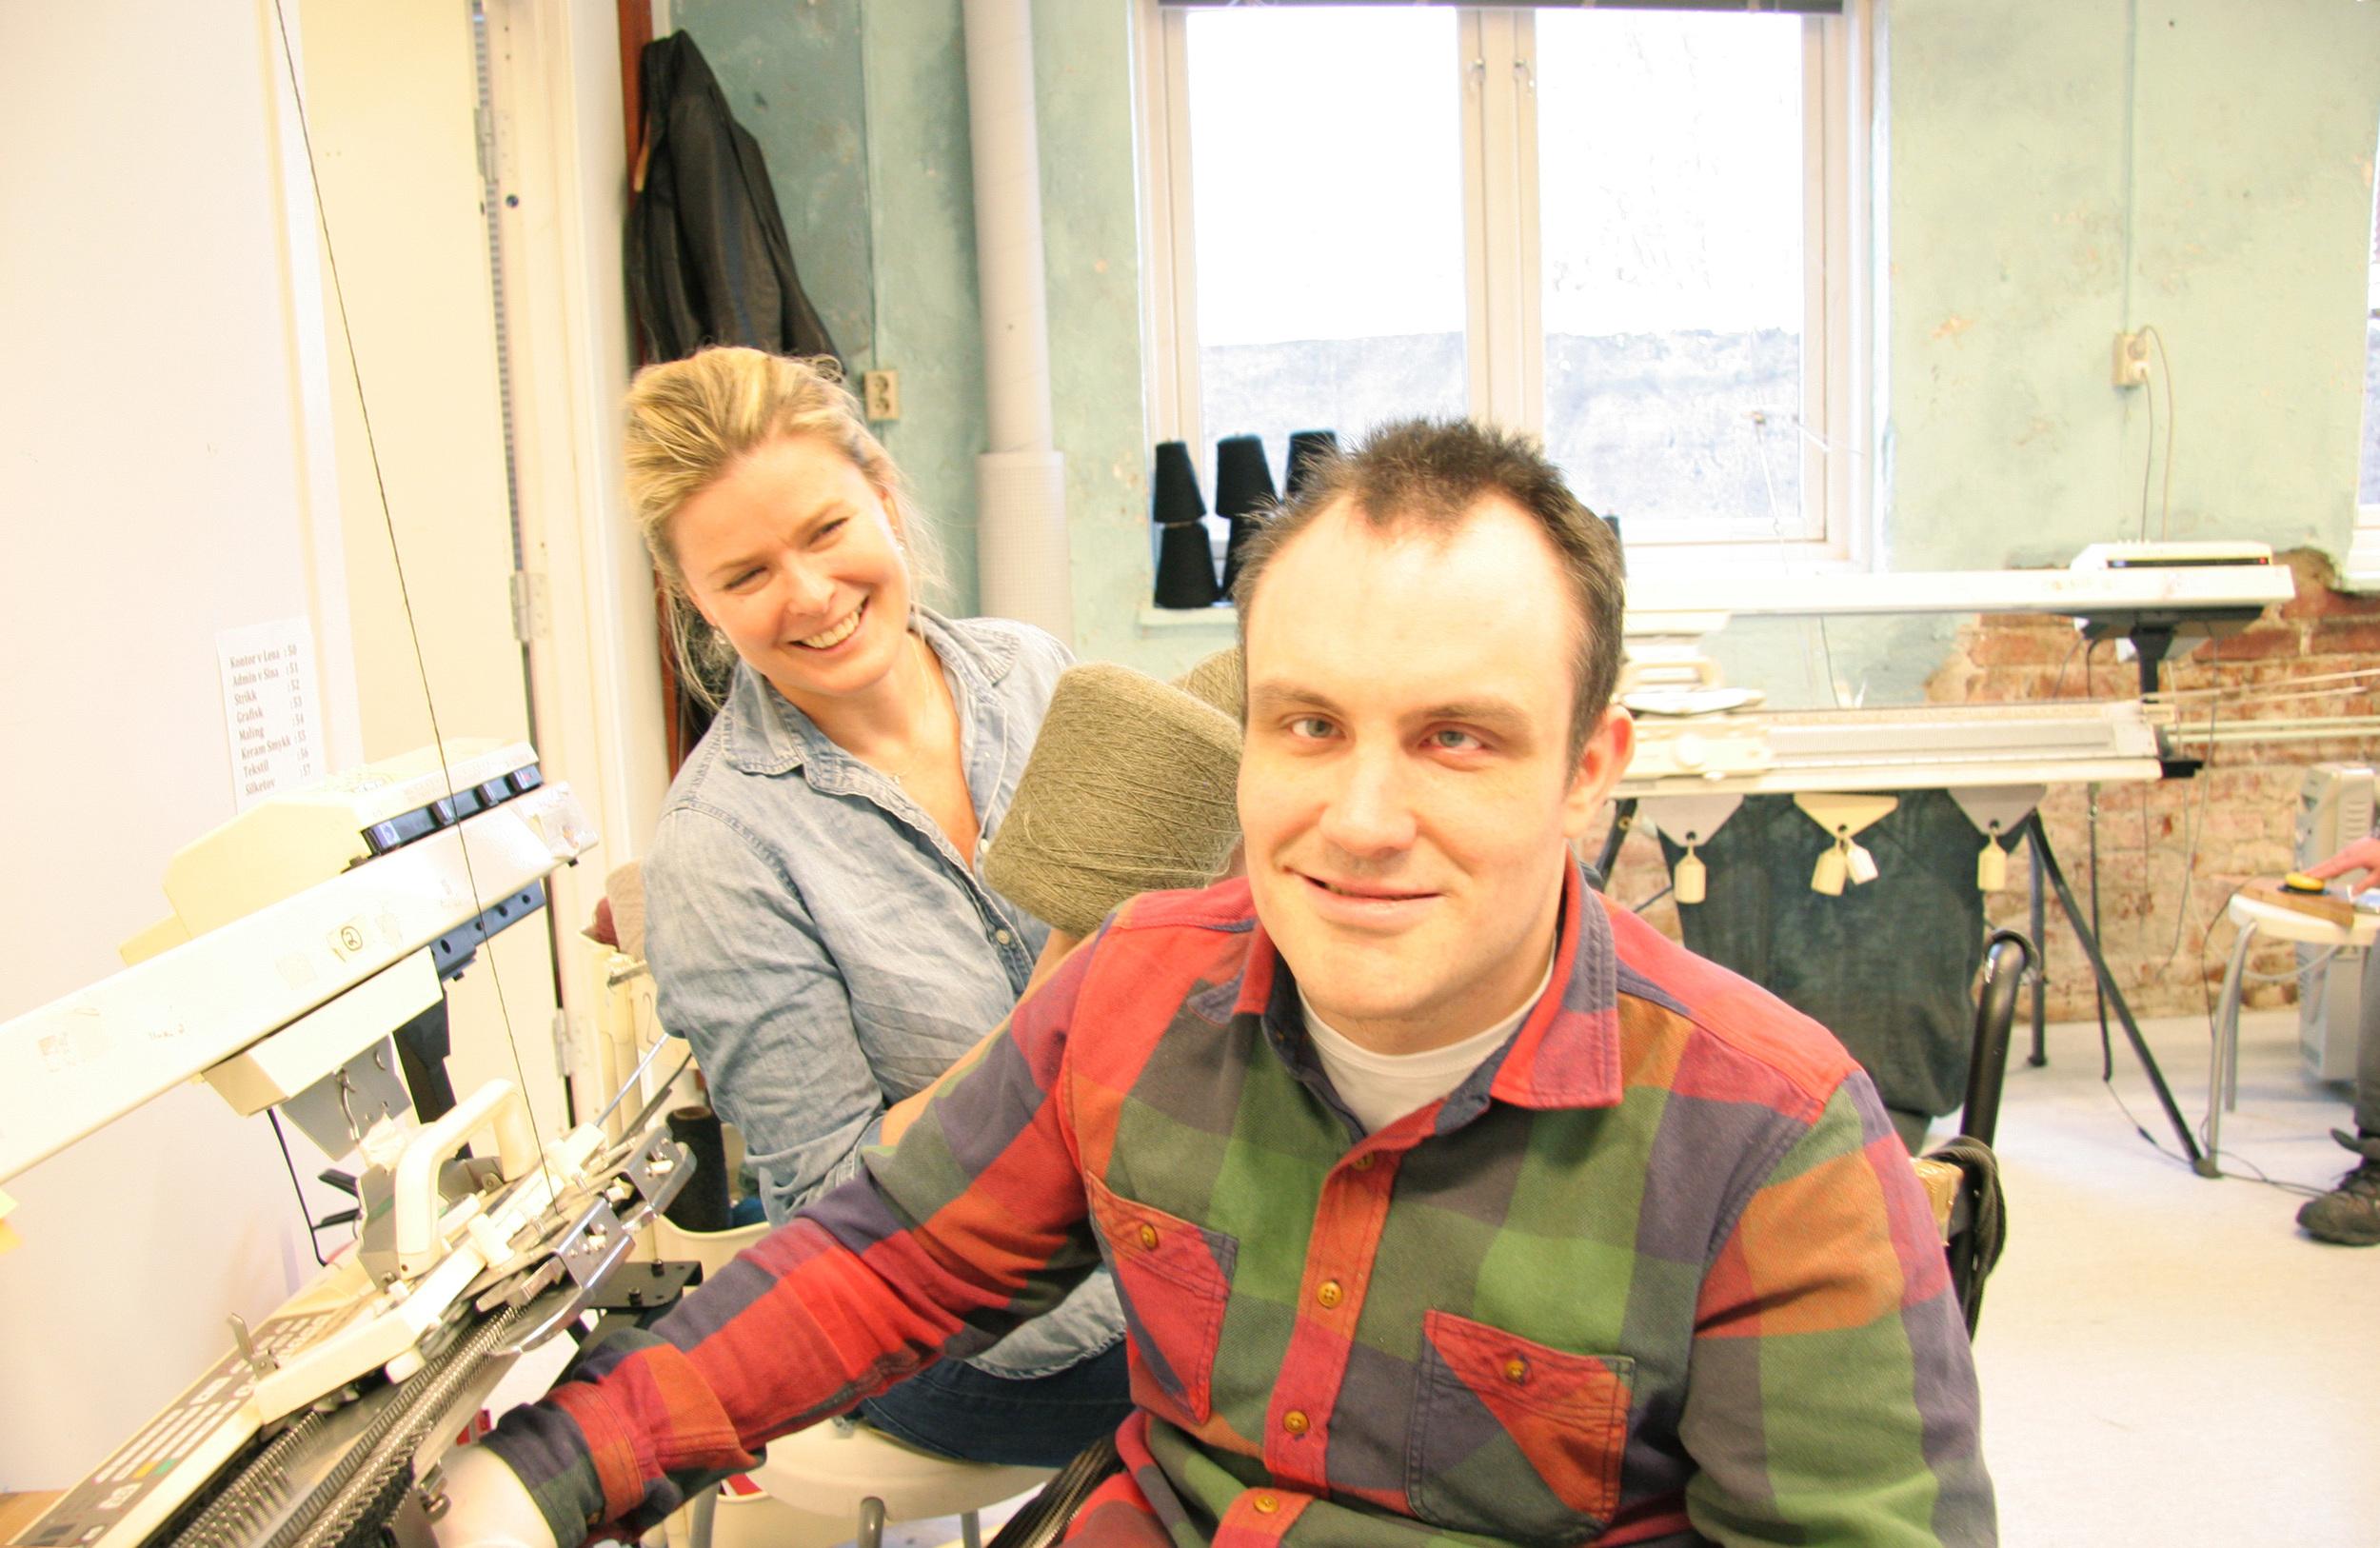 John Terje styrer erfarent strikkemaskinen som strikker alpakka ullstoffer